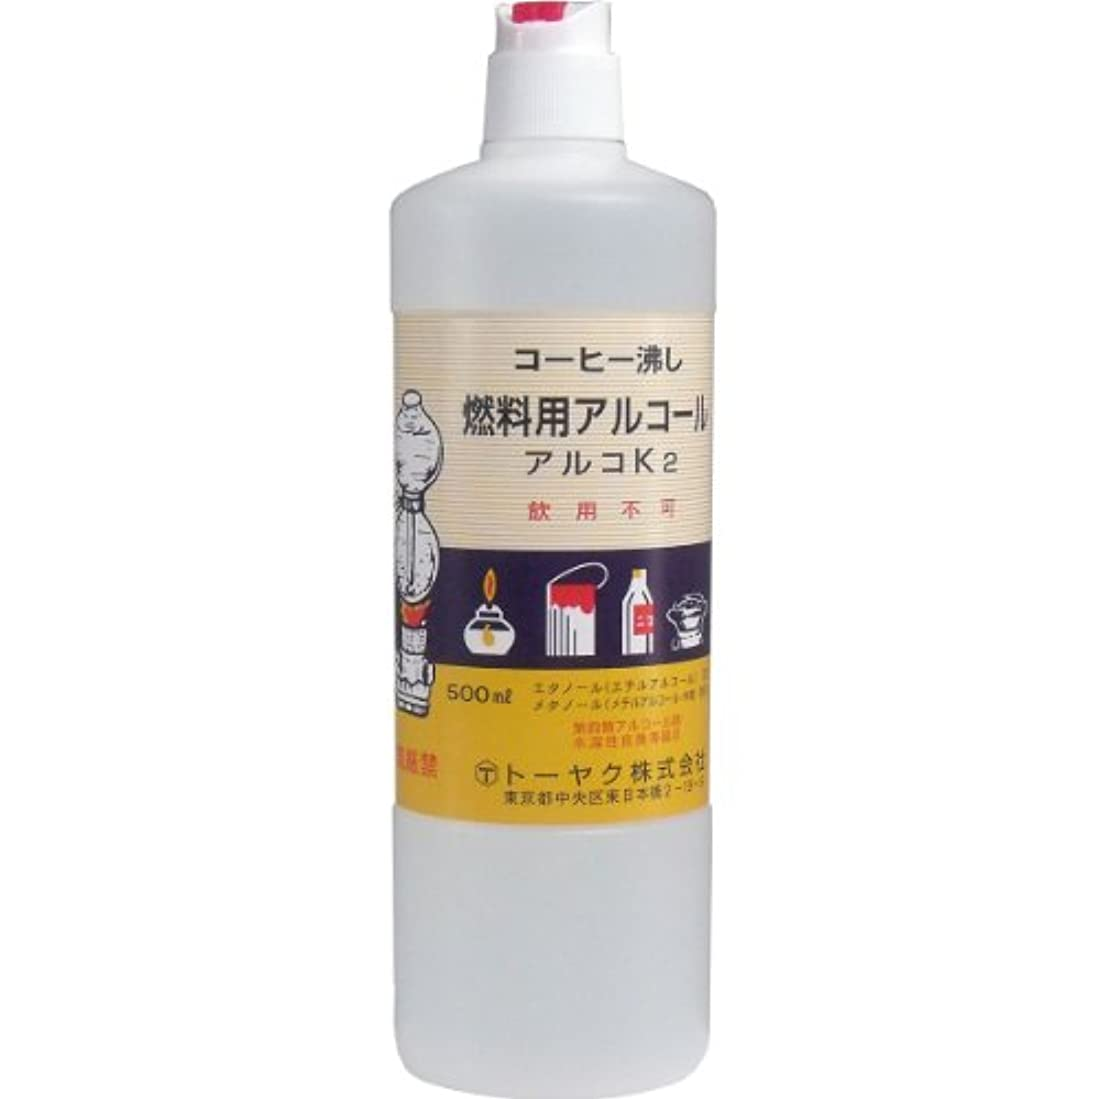 バスルーム常習的ヒューム燃料用アルコール アルコK2 ×3個セット